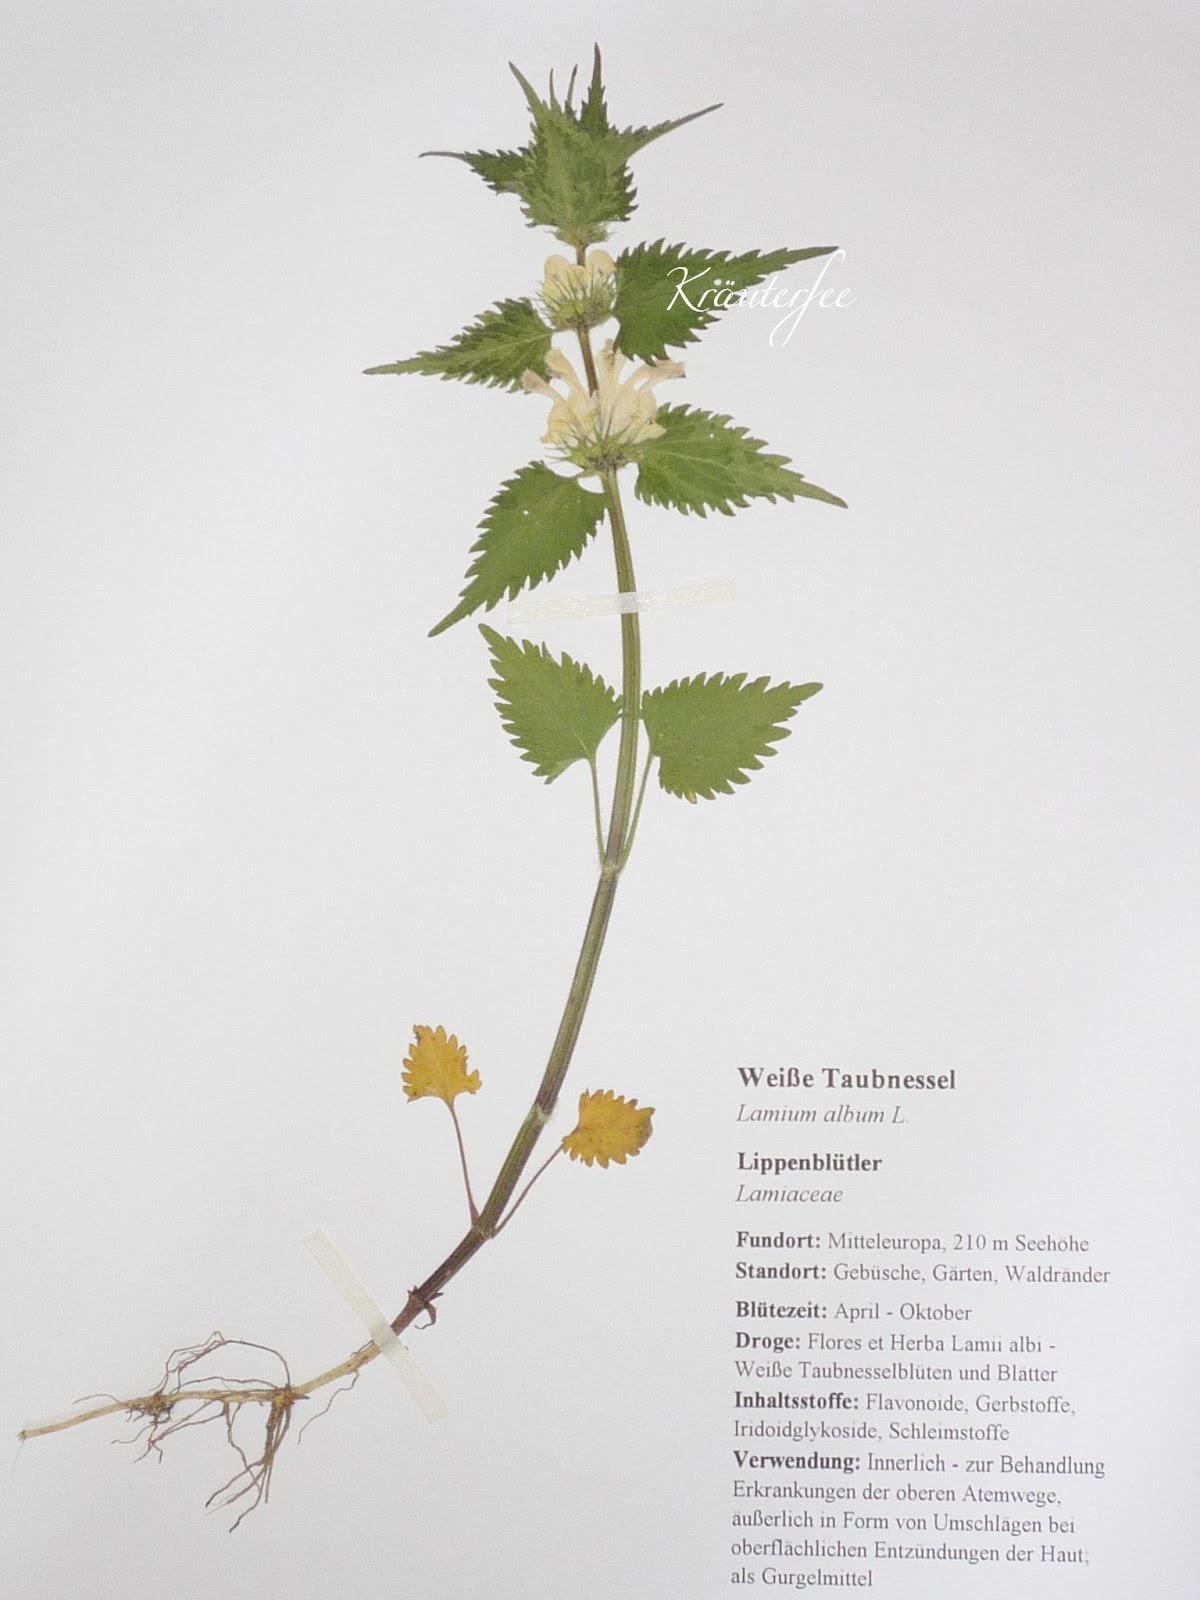 kr uterfee herbarium vorlage wei e taubnessel white dead nettle lamium album l. Black Bedroom Furniture Sets. Home Design Ideas